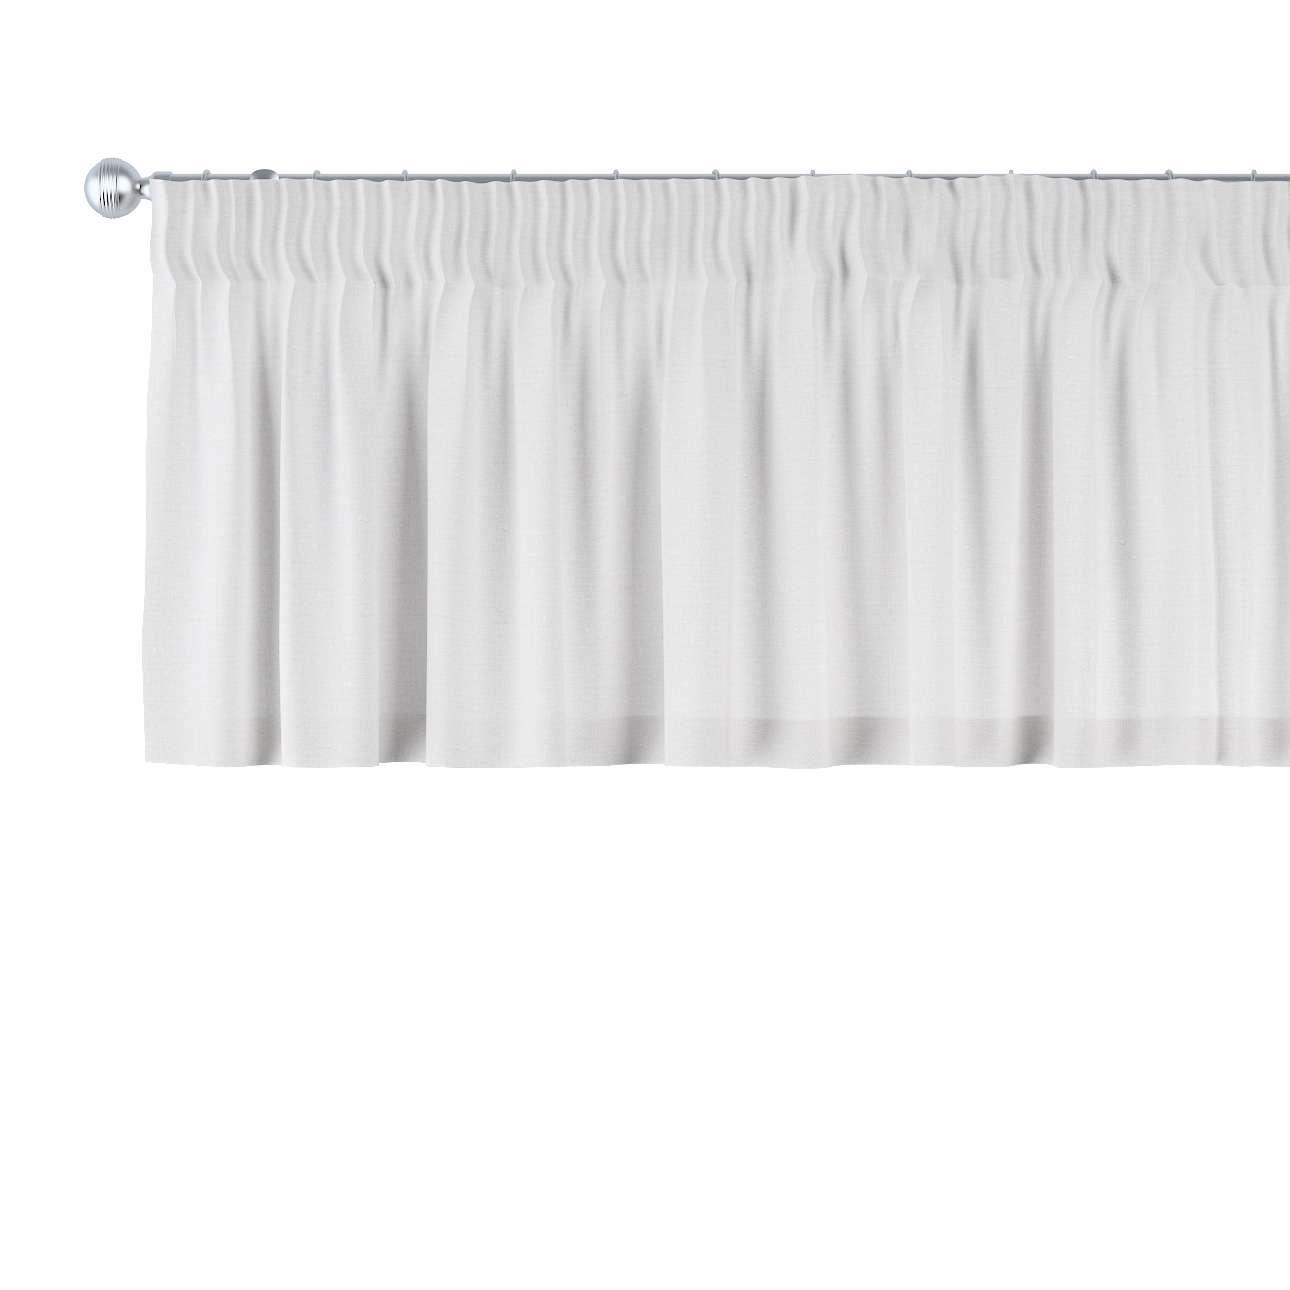 Krátky záves na riasiacej páske 130 x 40 cm V kolekcii Linen, tkanina: 392-04